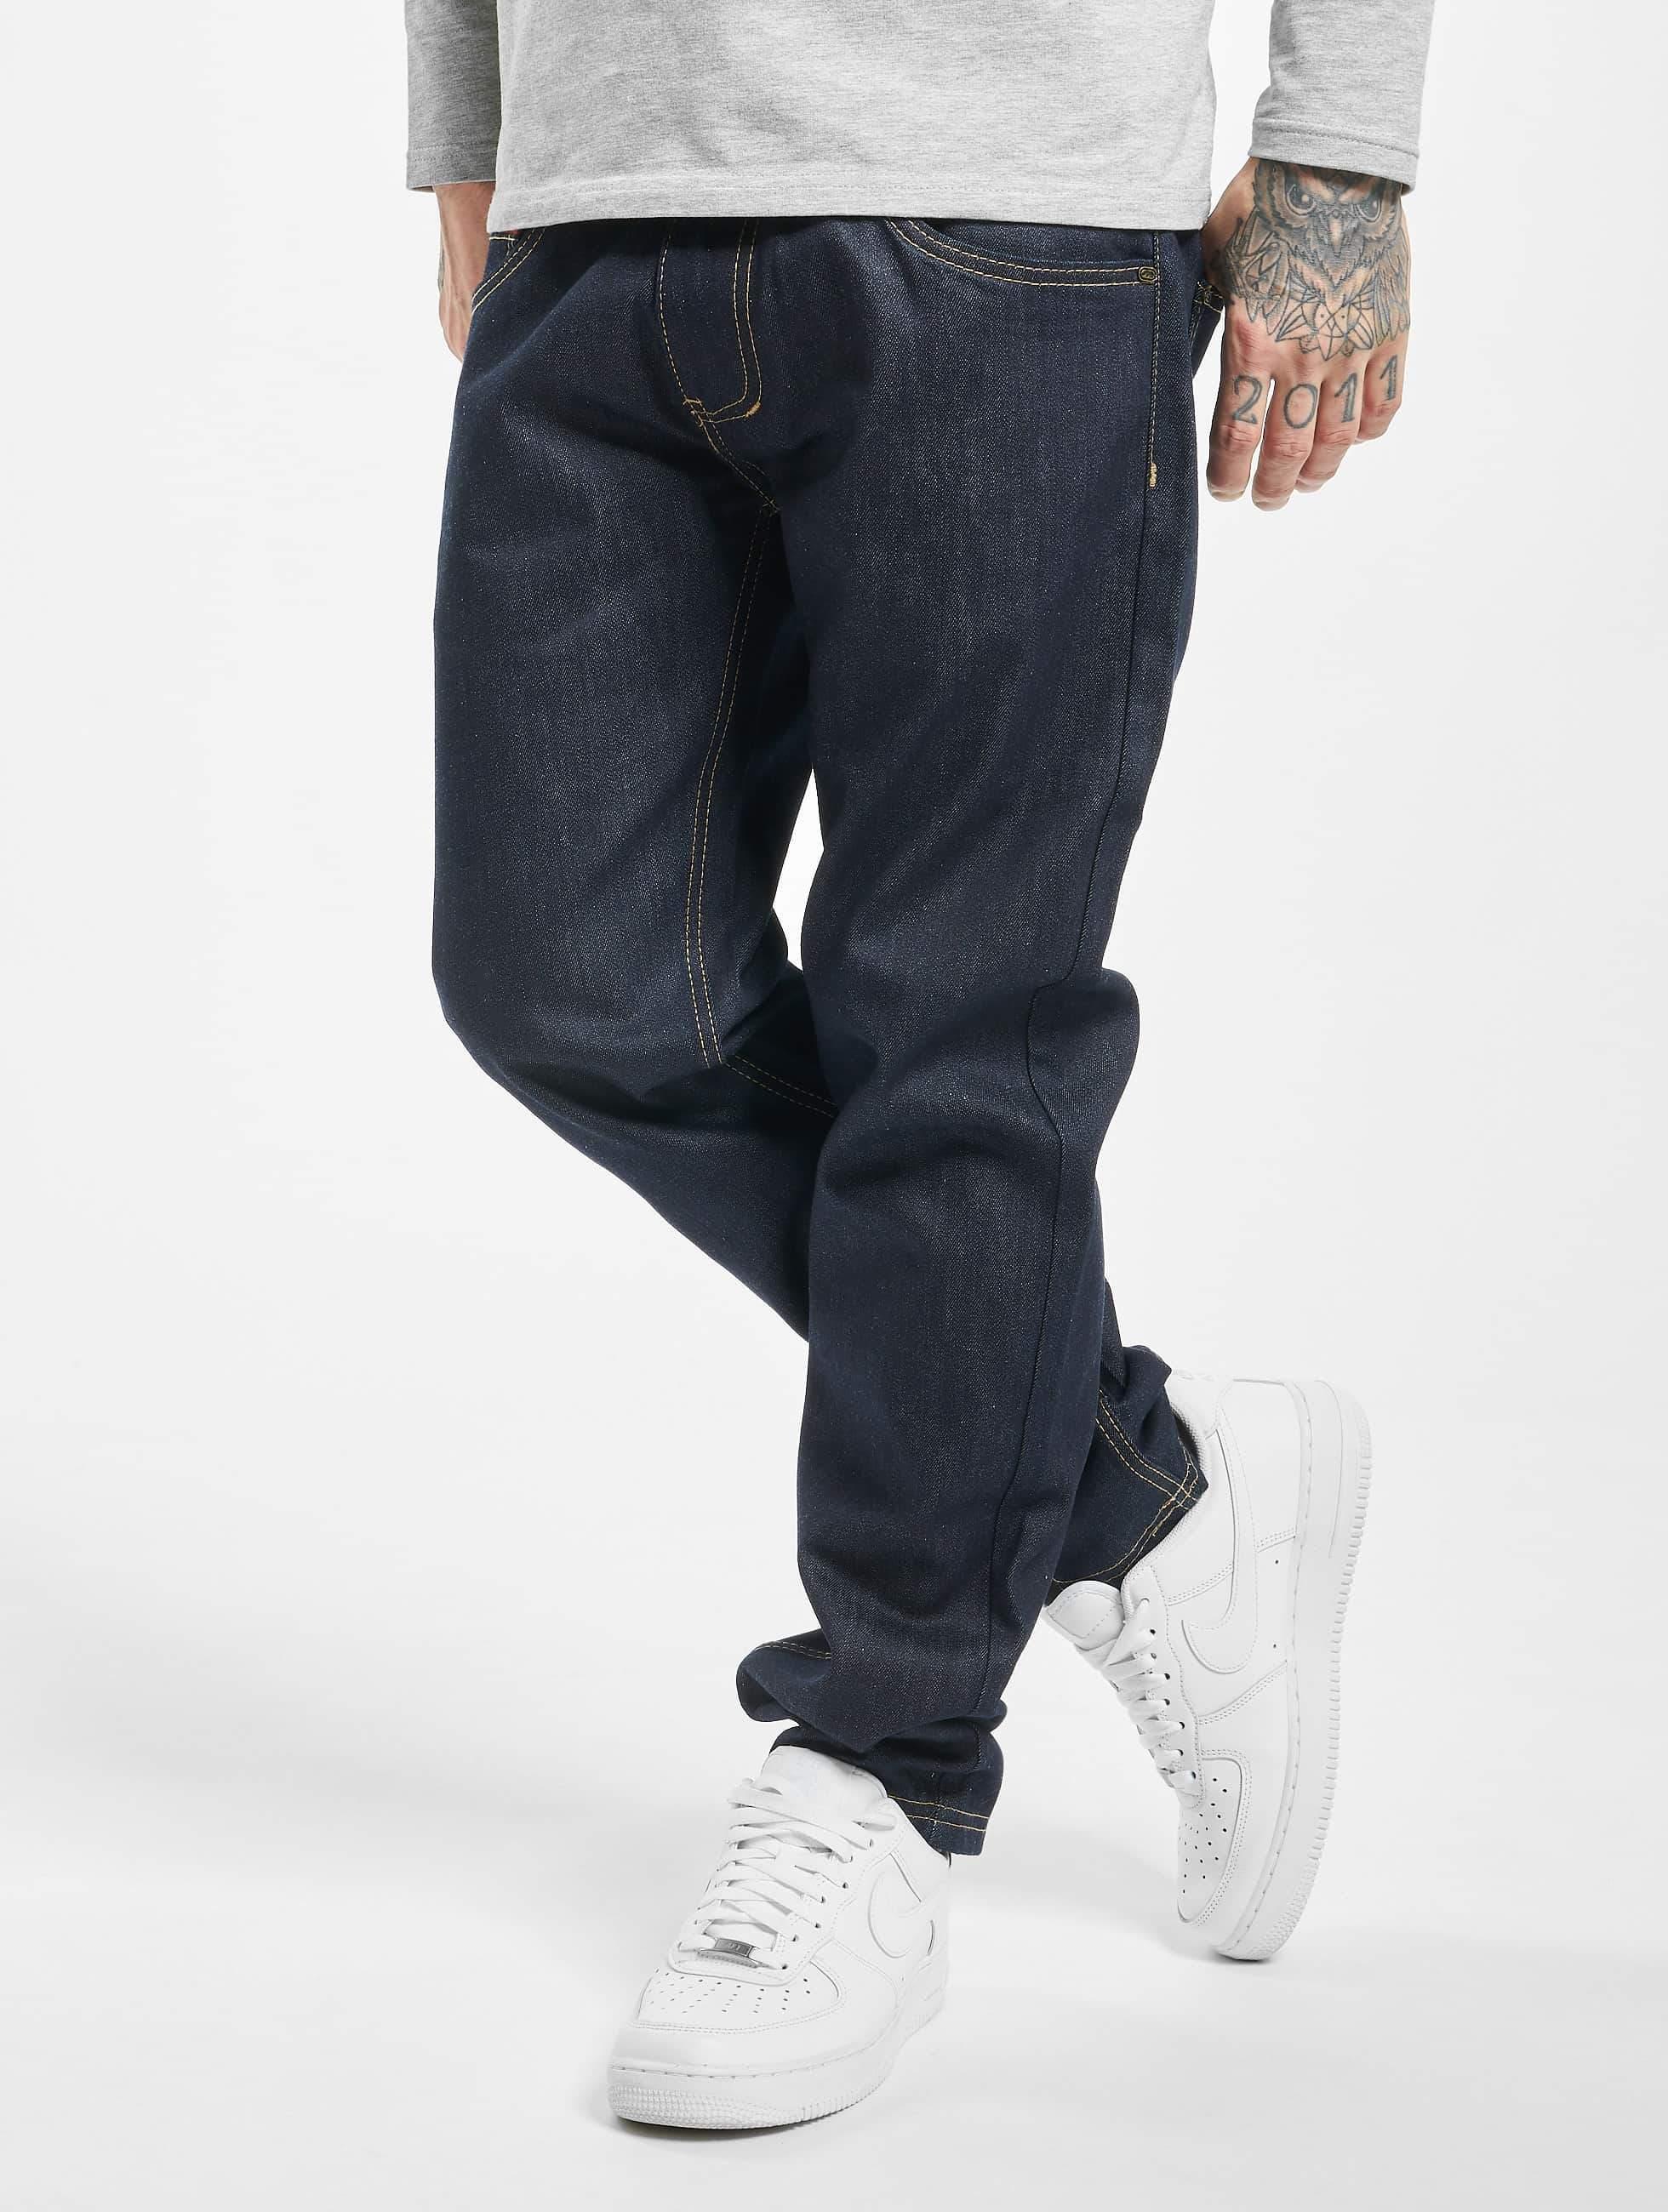 Ecko Unltd. / Straight Fit Jeans Bour Bonstreet in blue W 36 L 34